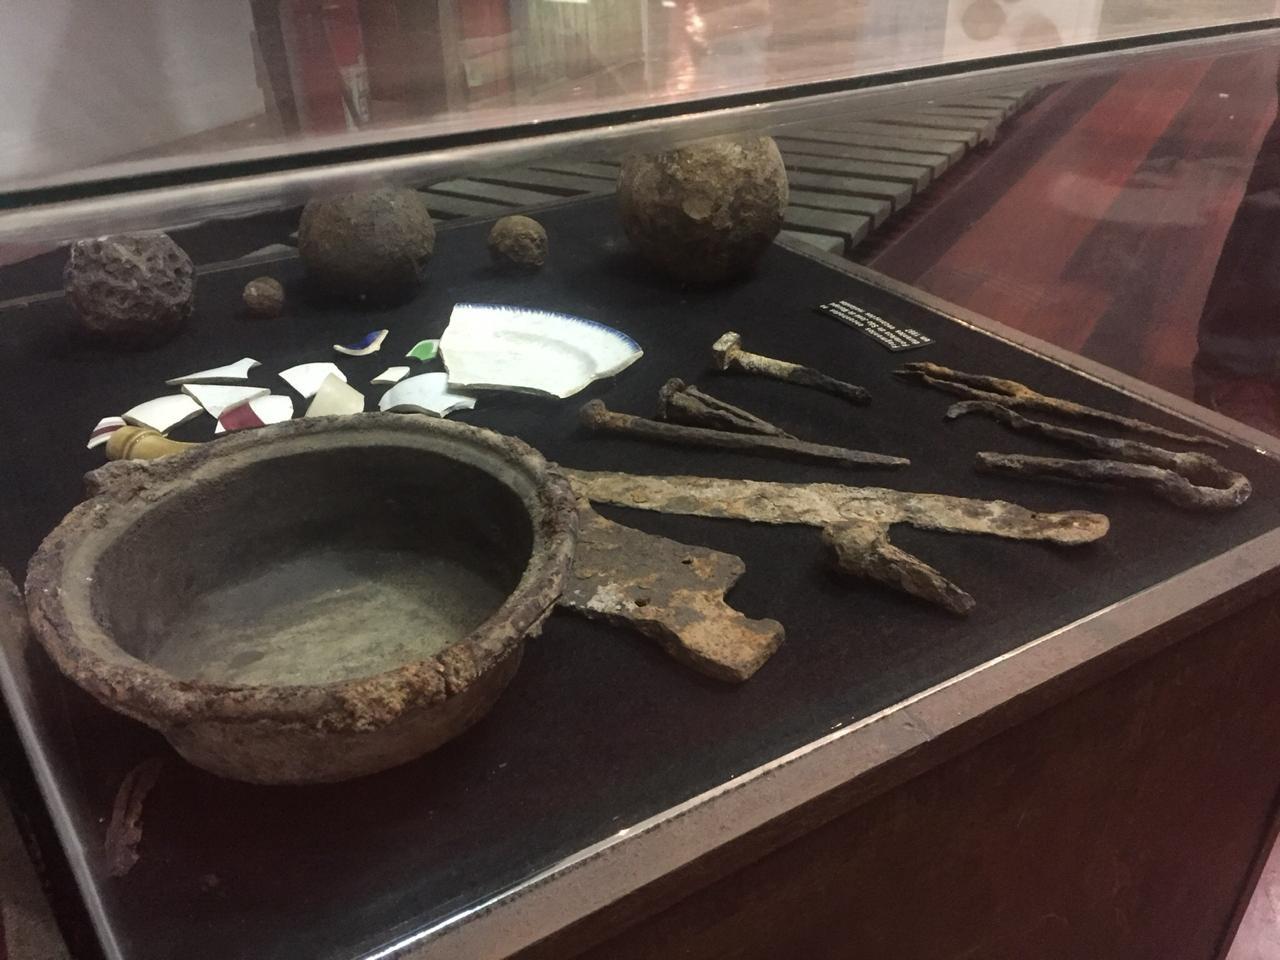 Arqueólogos aprimoram análise de vestígios do Brasil Colônia em busca de detalhes sobre o AP - Notícias - Plantão Diário